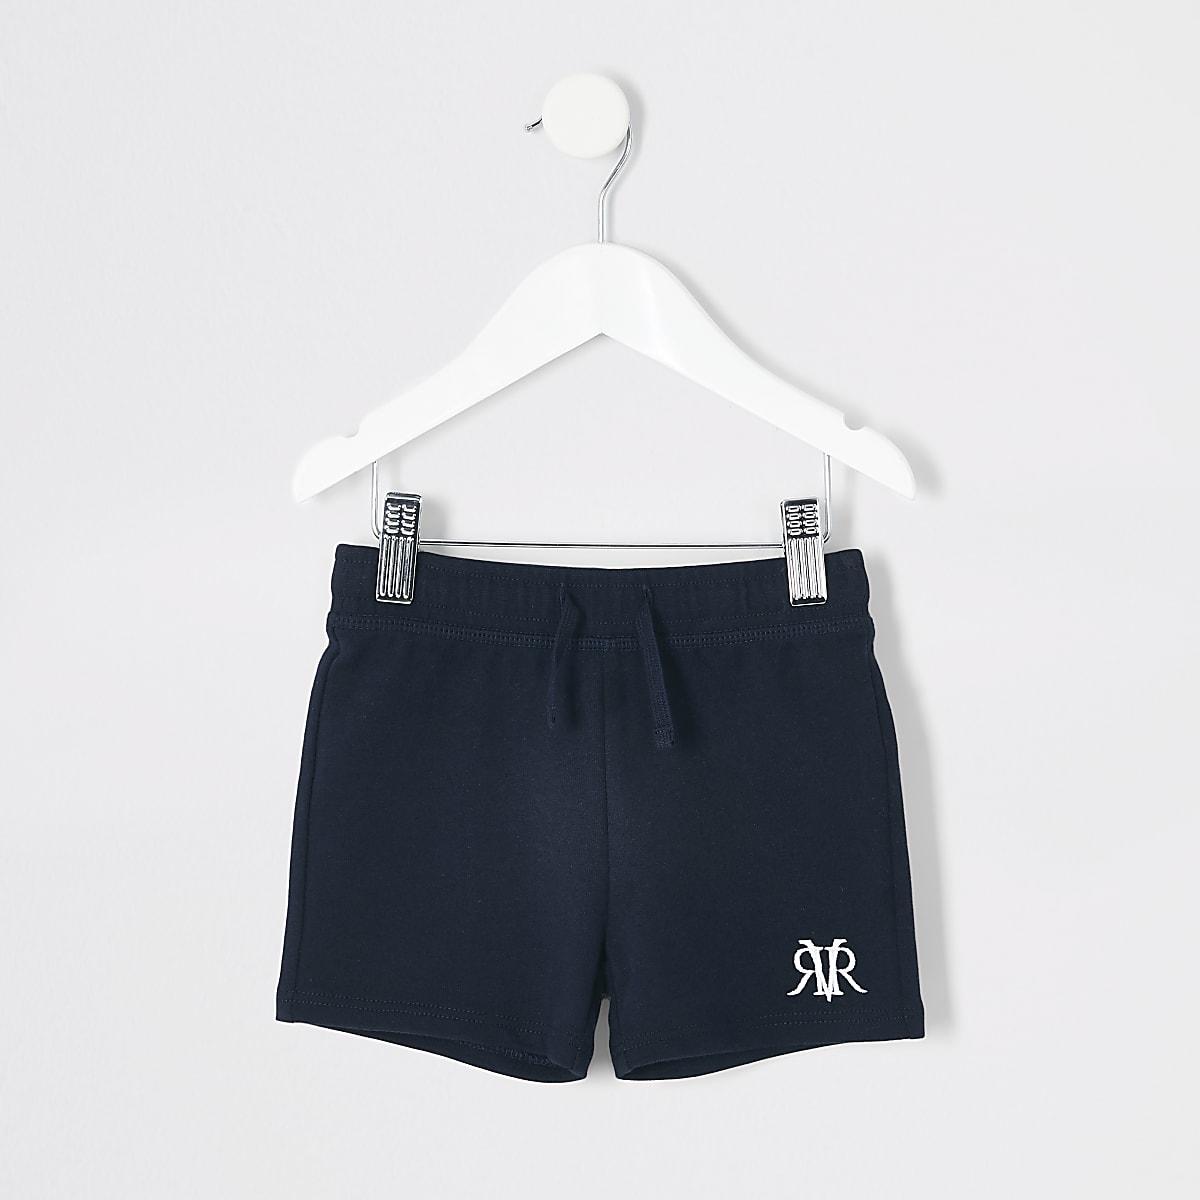 Mini - Marineblauwe short met 'RVR'-borduursel voor jongens